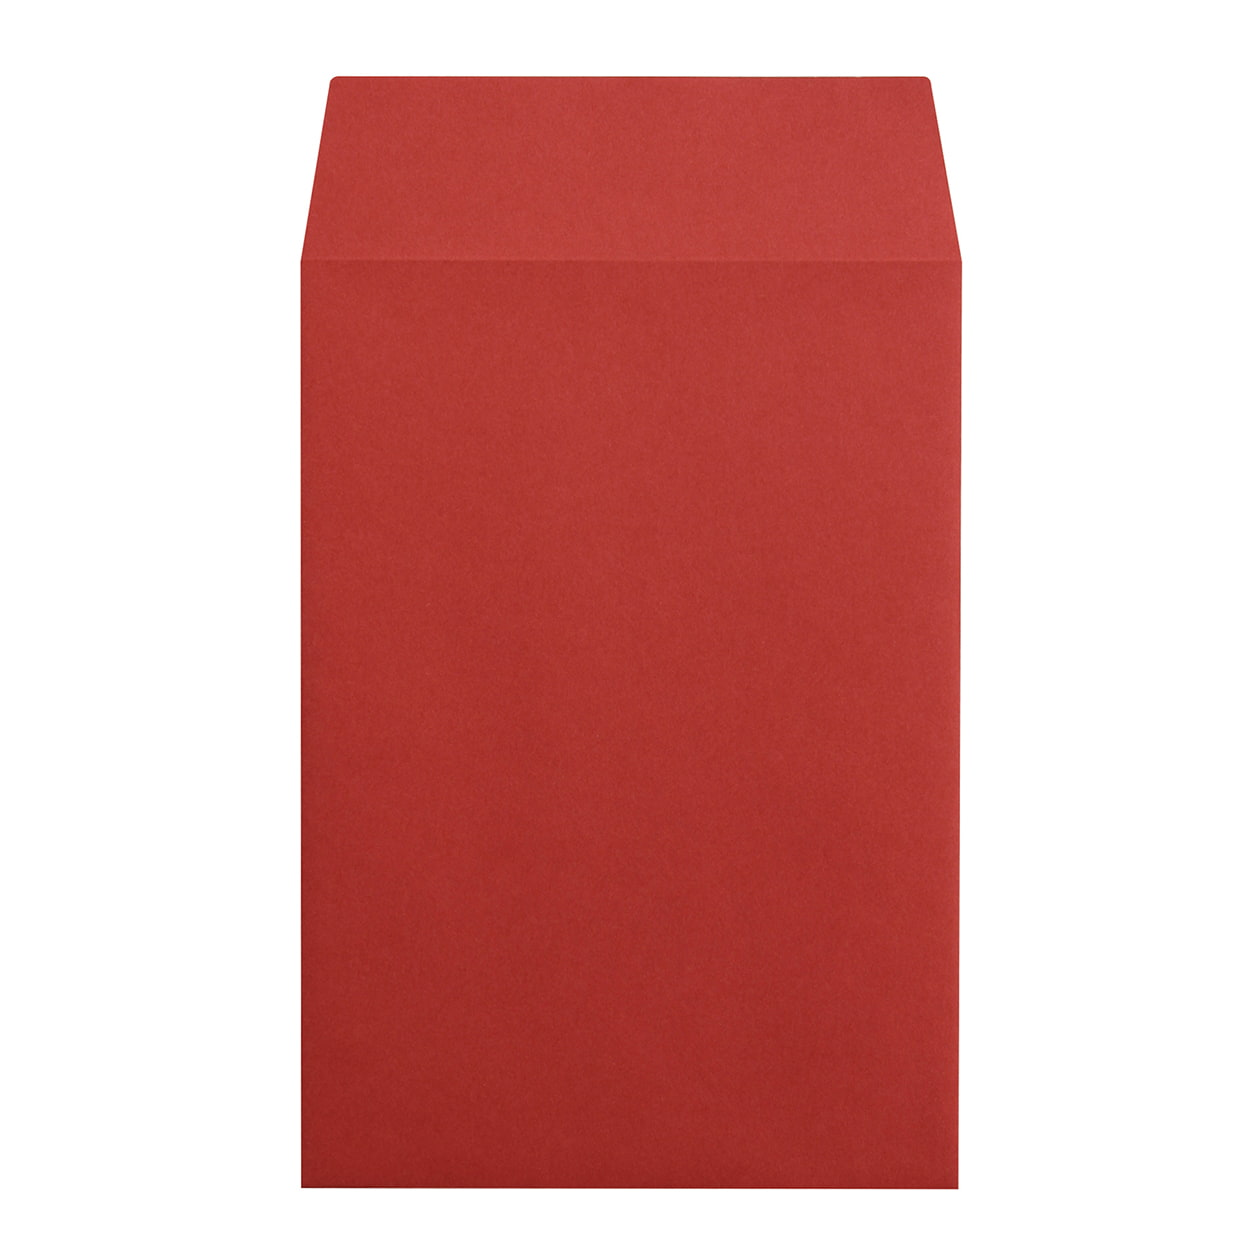 角6封筒 コニーカラー レッド 100g